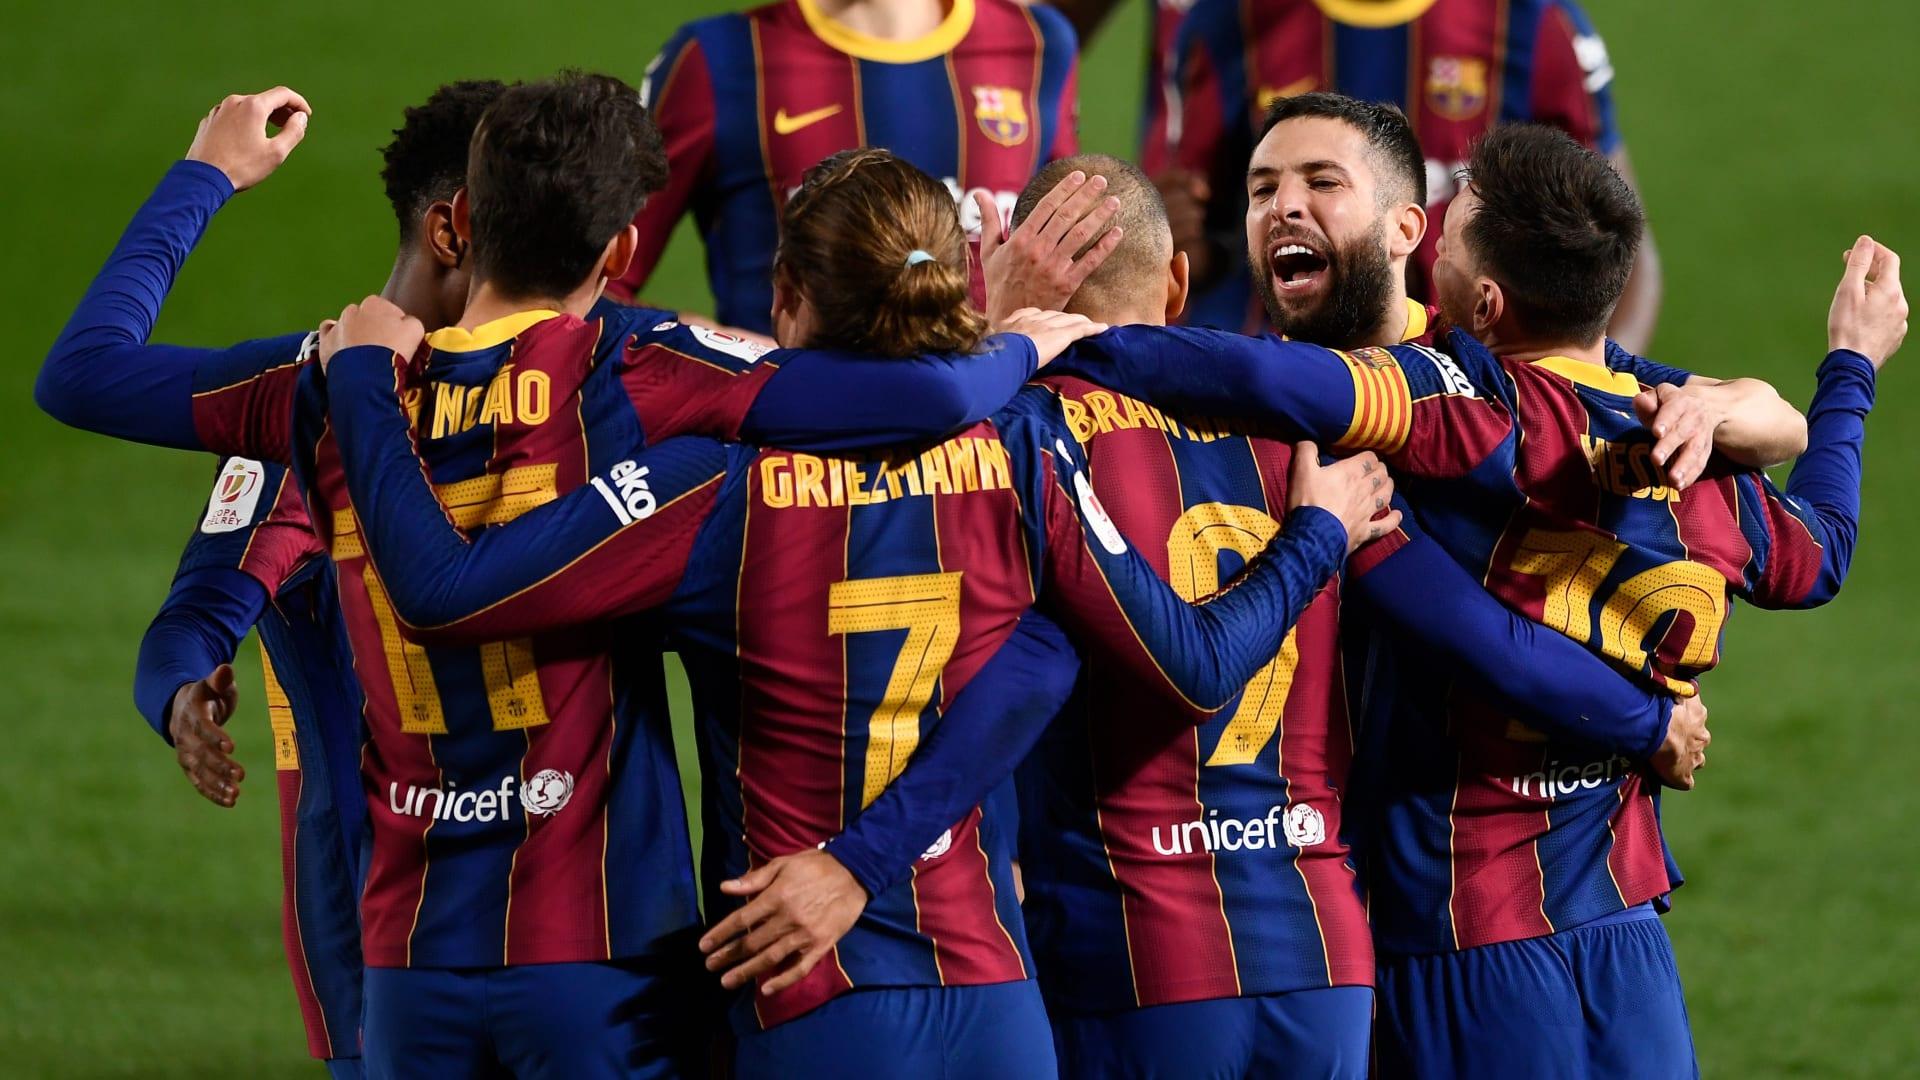 ريمونتادا تاريخية لبرشلونة تؤهله لنهائي كأس إسبانيا